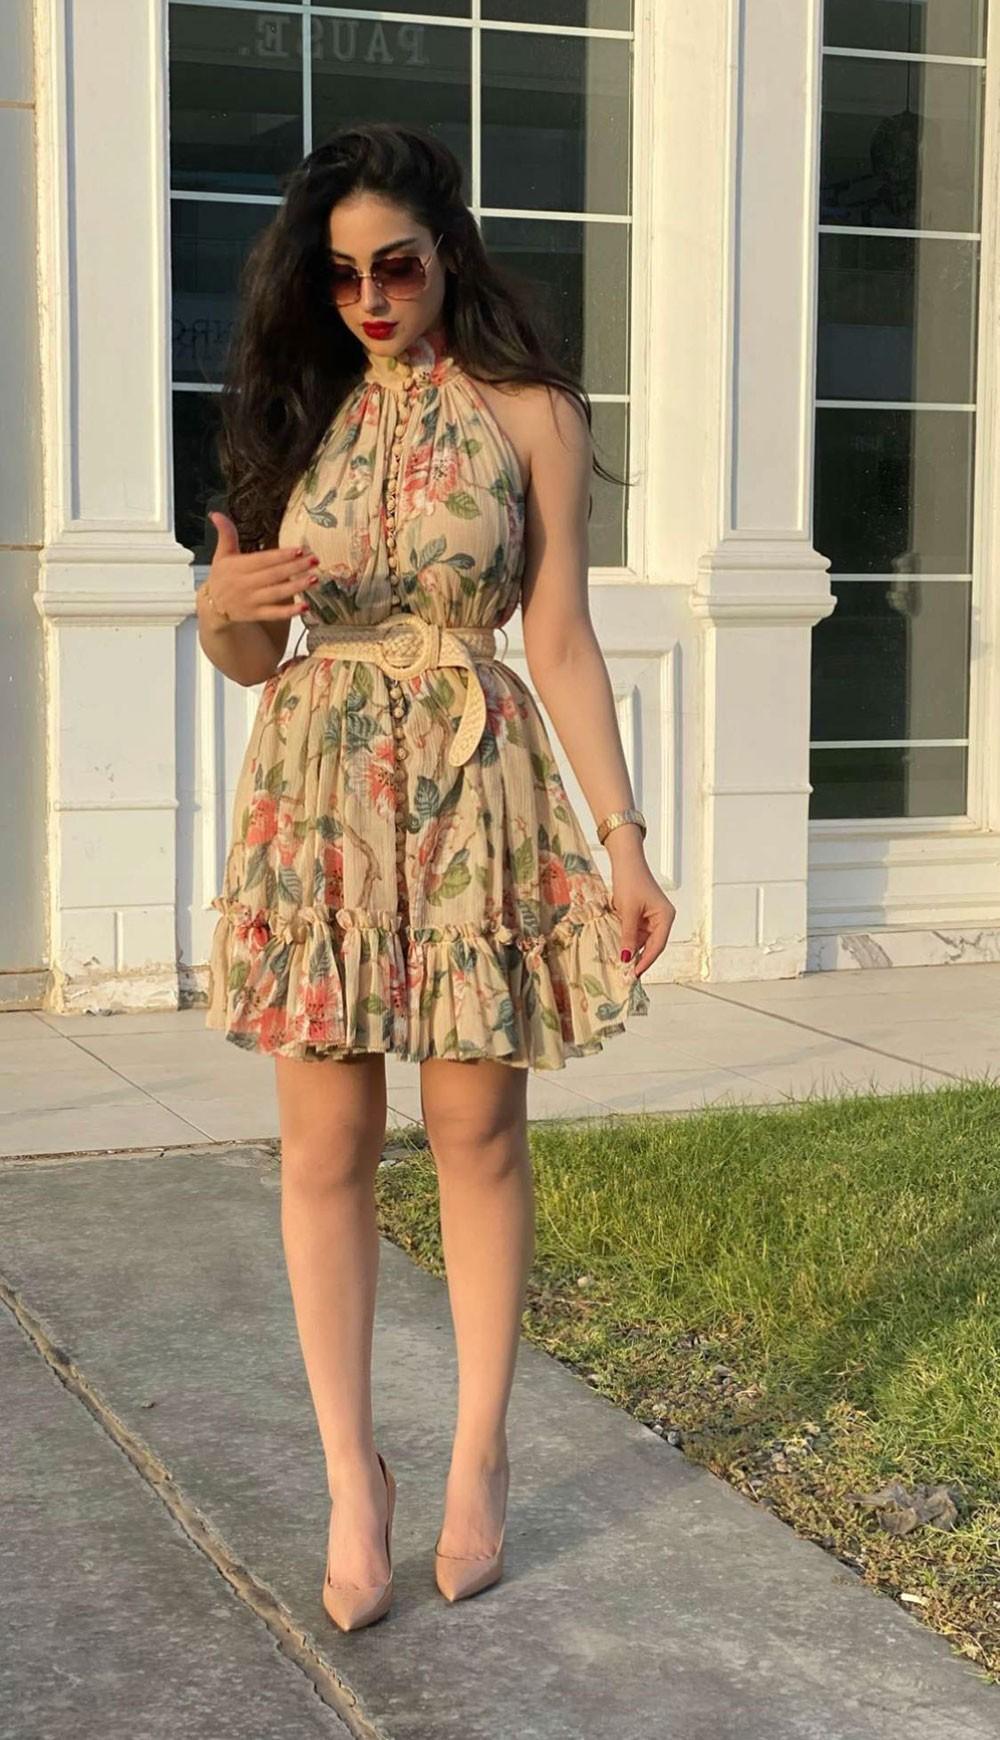 ترشيح البحرينية زينب العلوان كأجمل فتاة خليجية